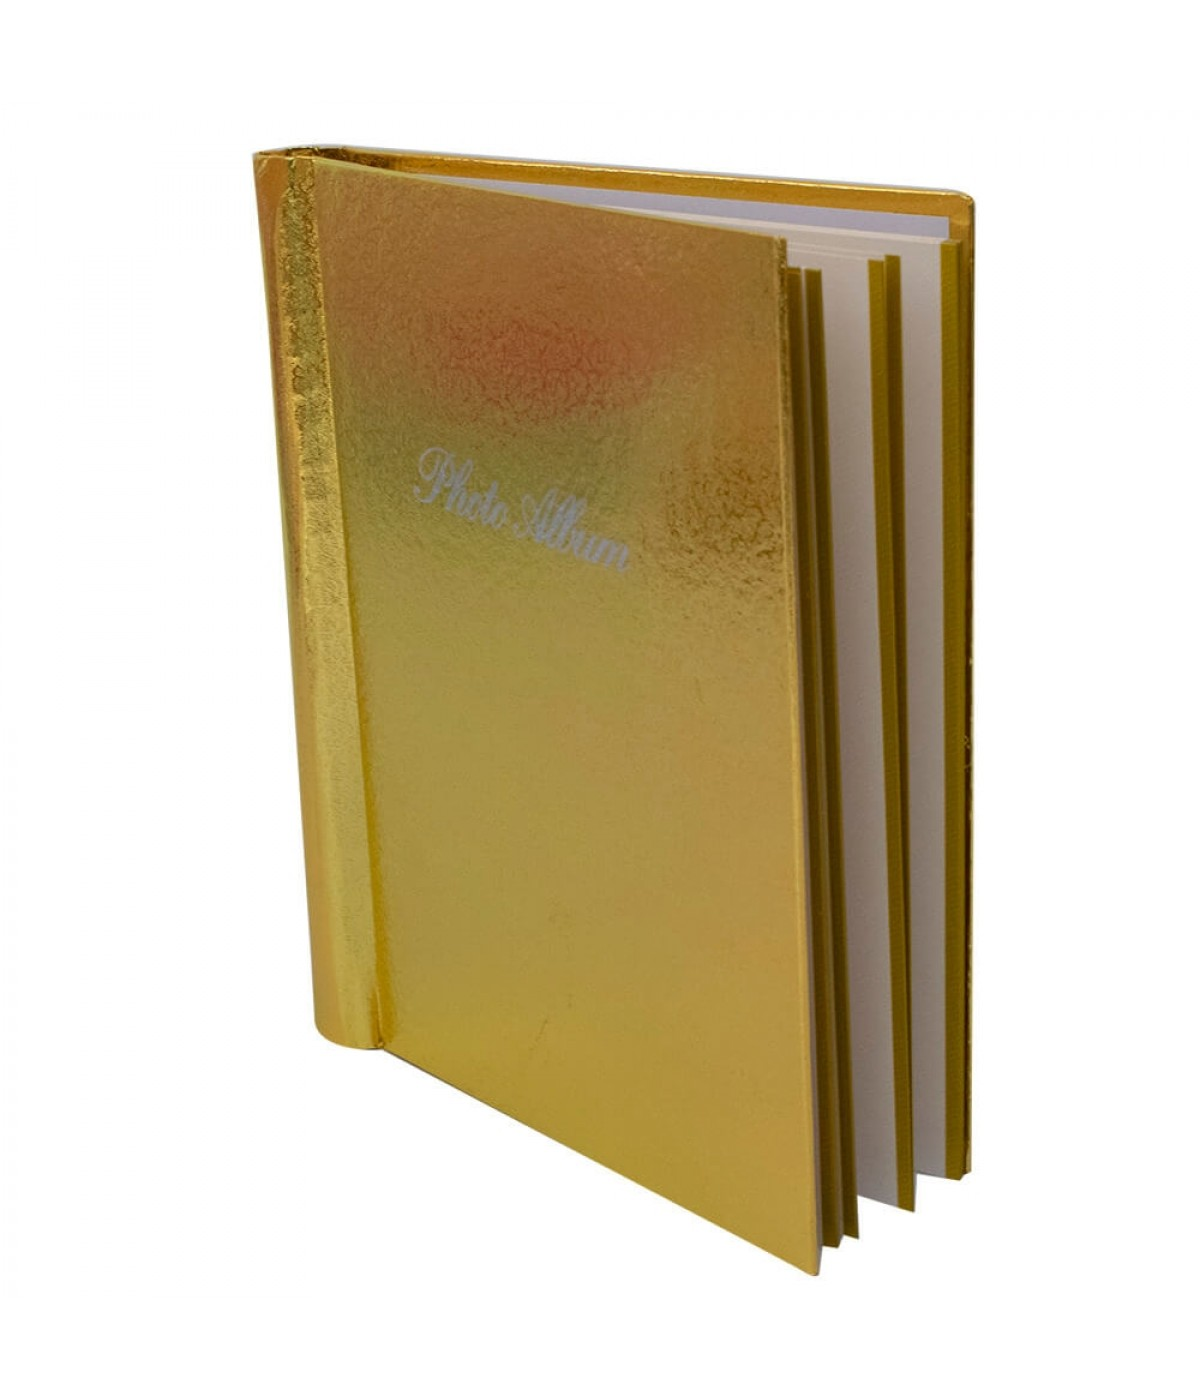 Álbum Dourado 20 Fotos Tamanhos Variados